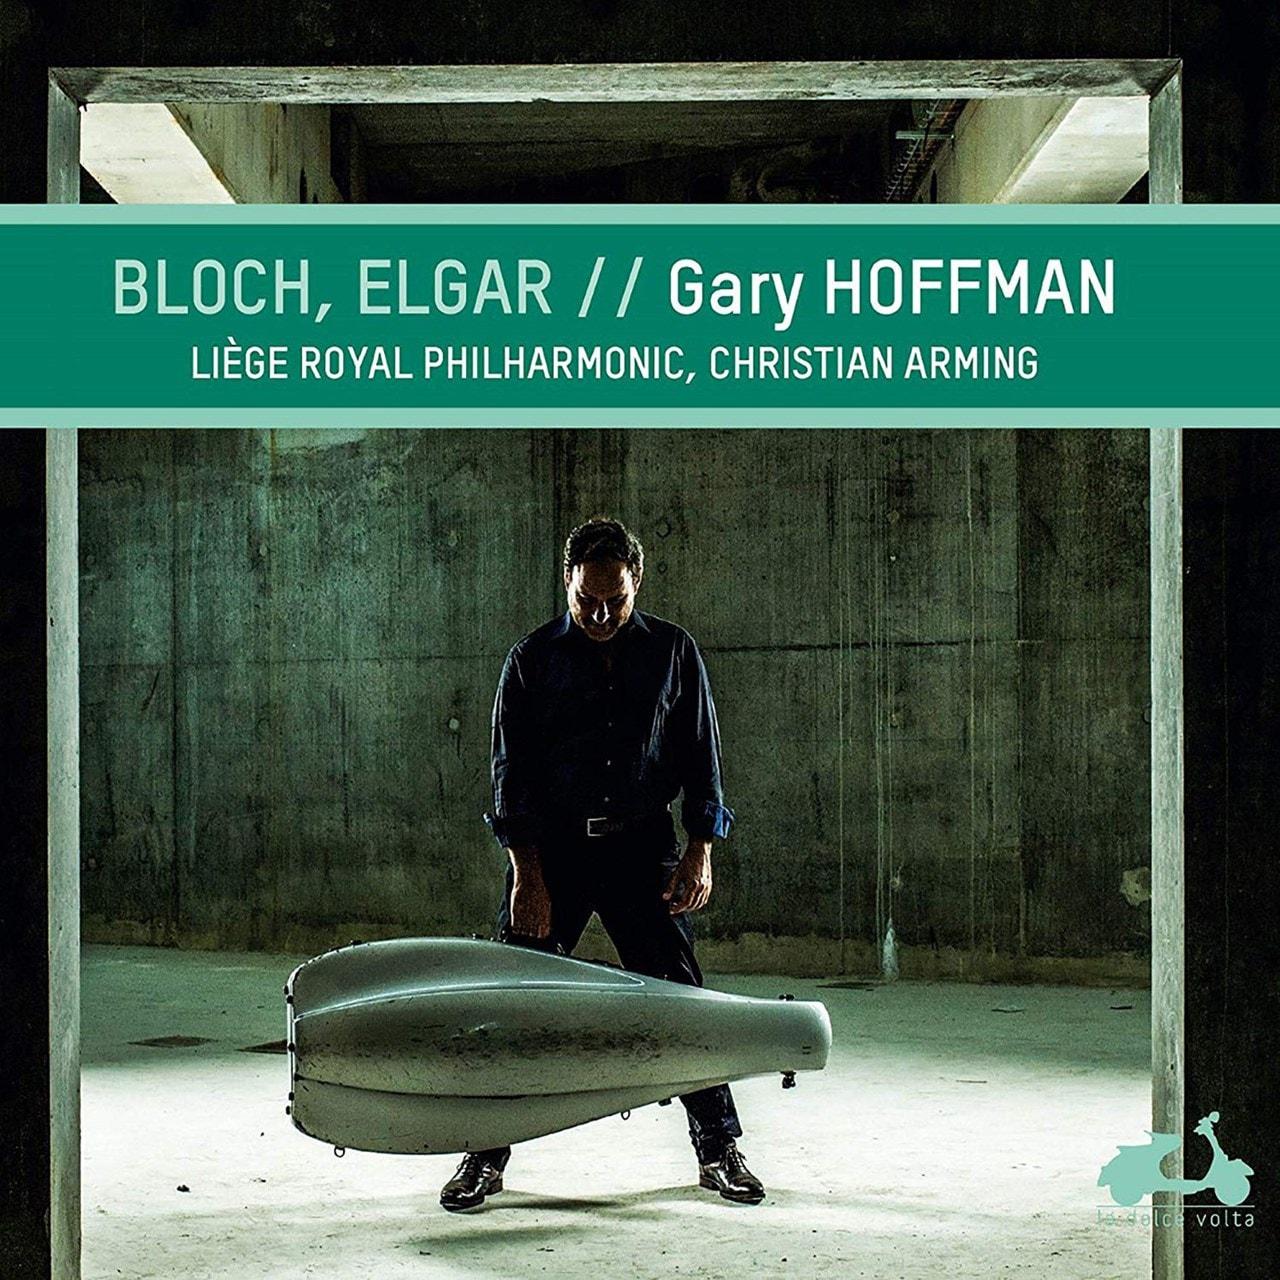 Gary Hoffman: Bloch, Elgar - 1